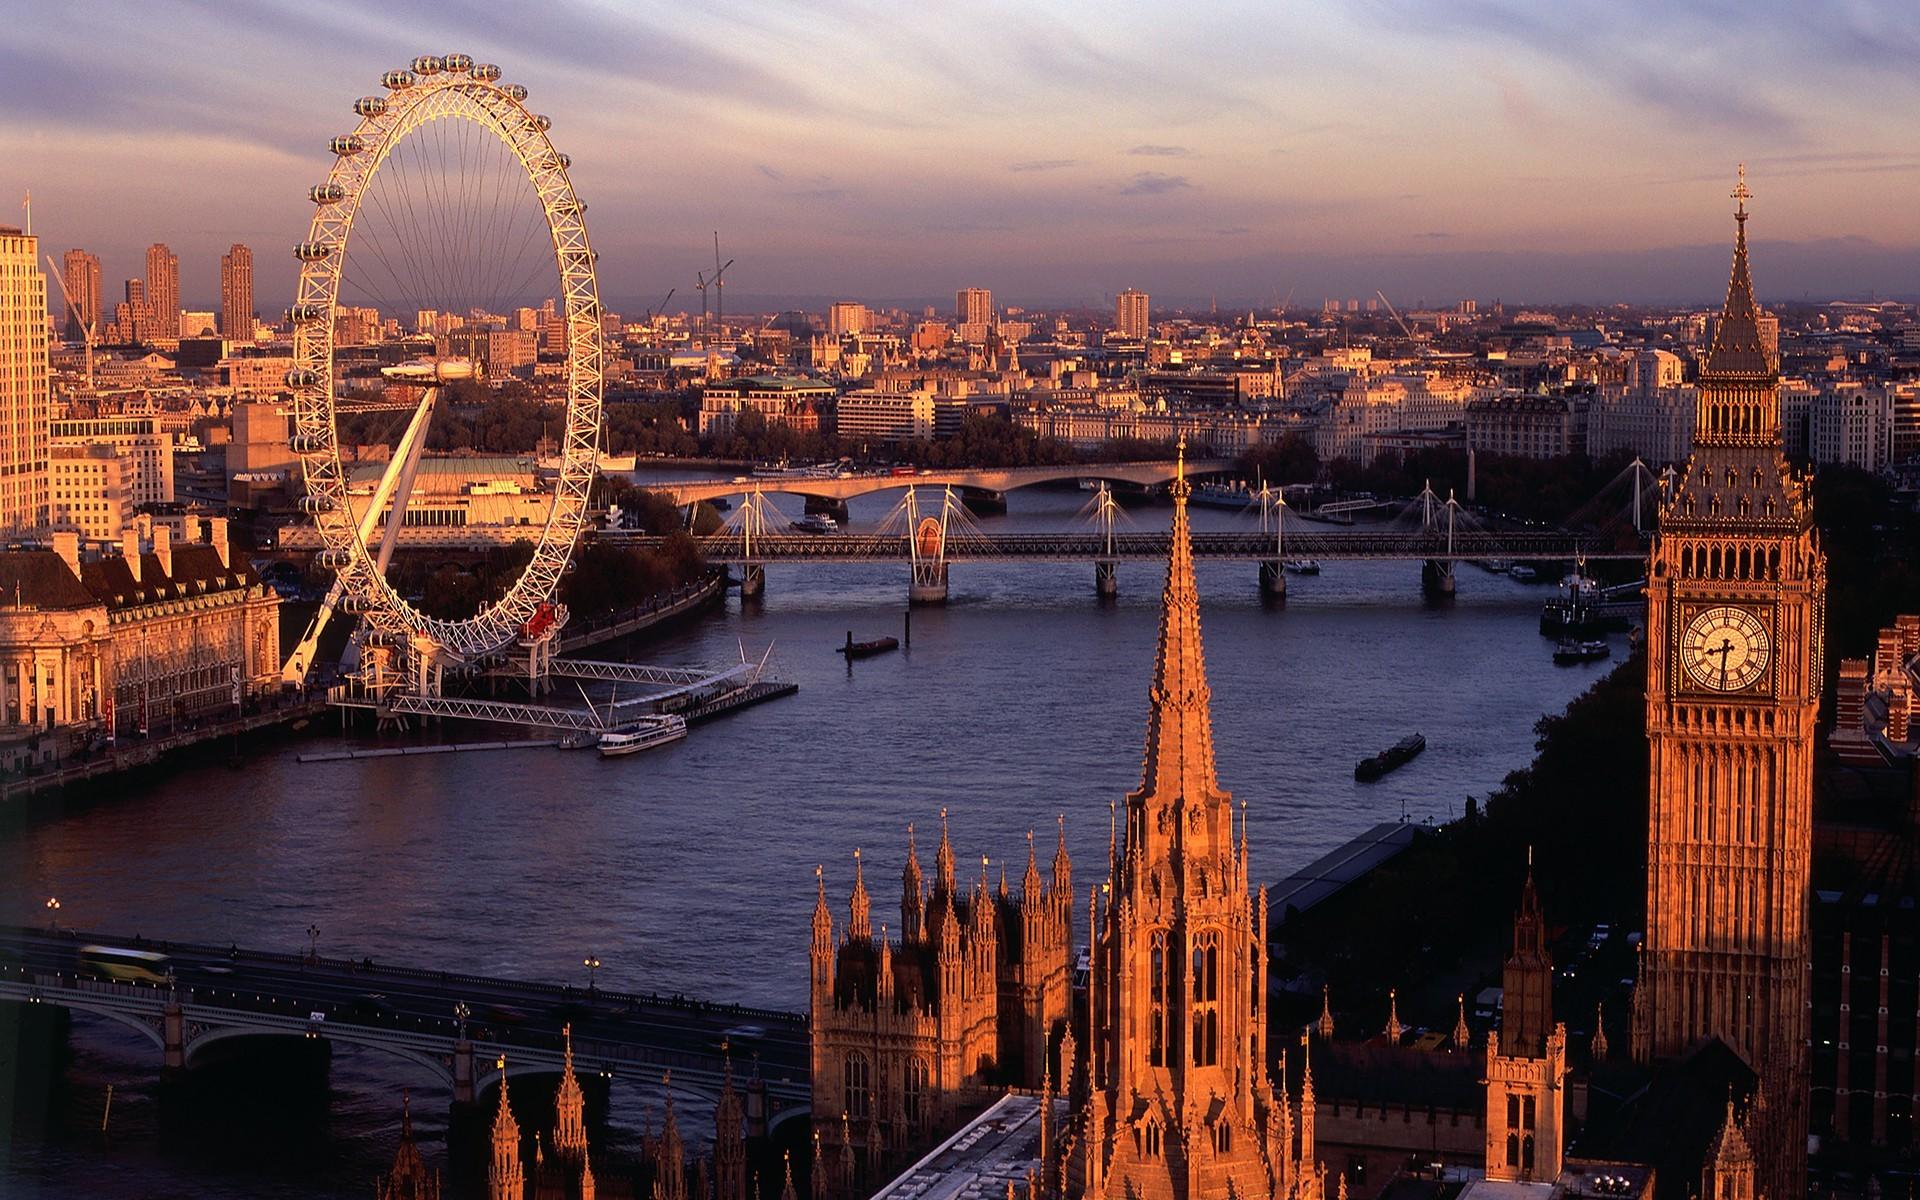 ещё советские фотографии лондона в хорошем качестве это